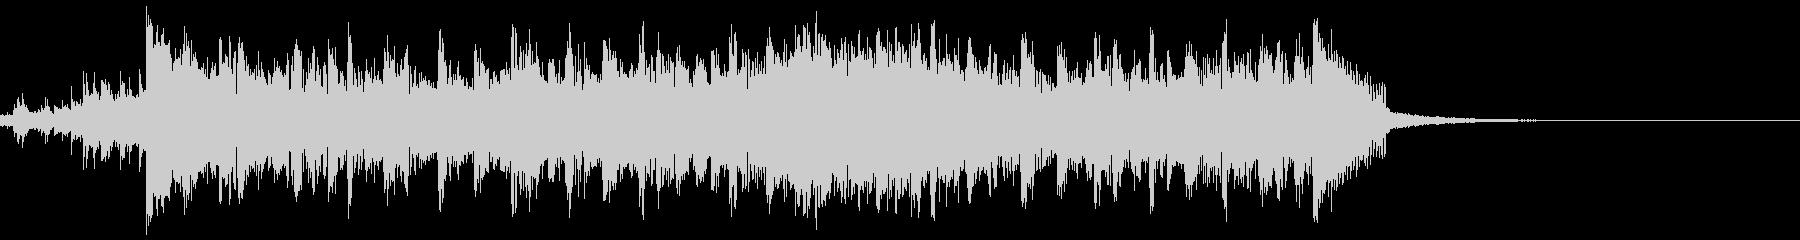 ネクストホライズンALT。混合の未再生の波形